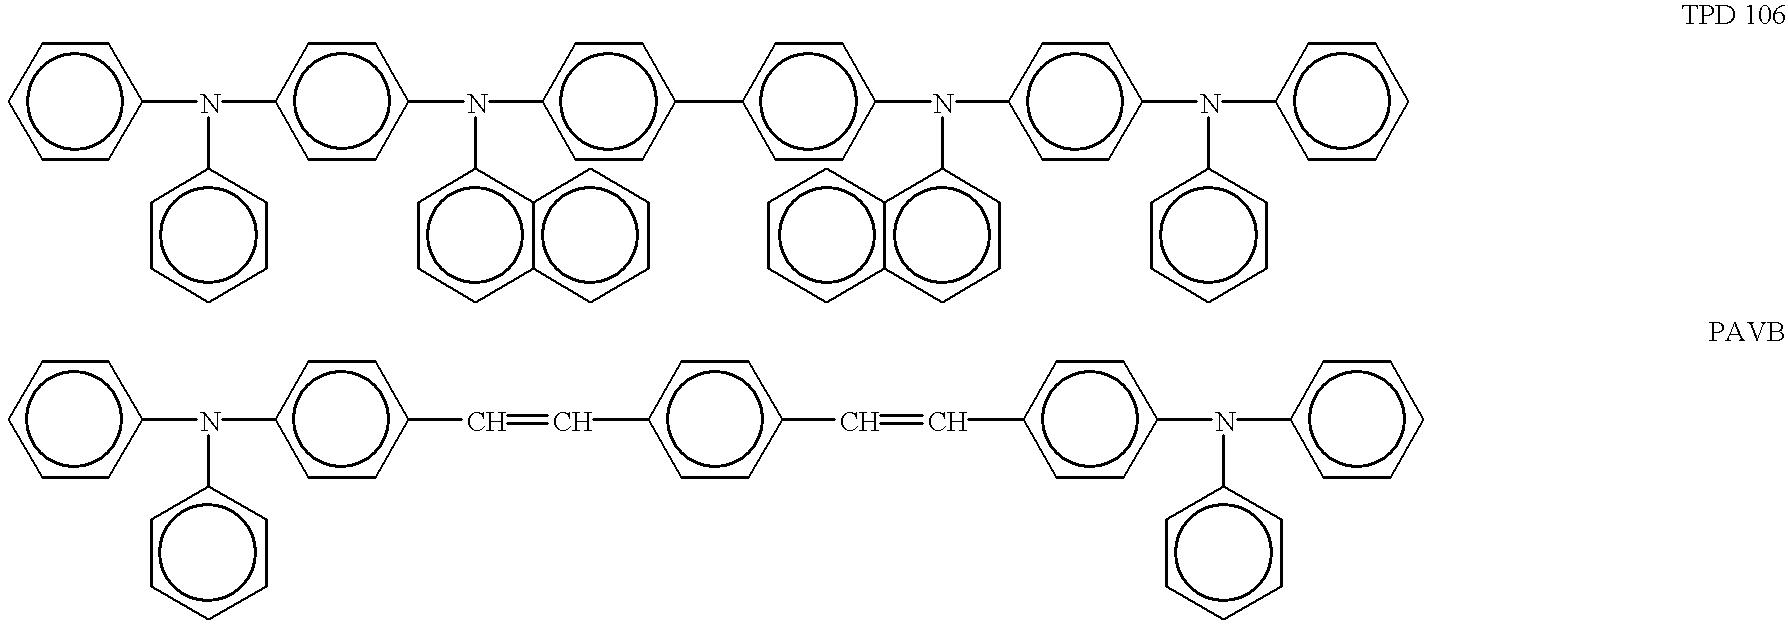 Figure US06713192-20040330-C00028